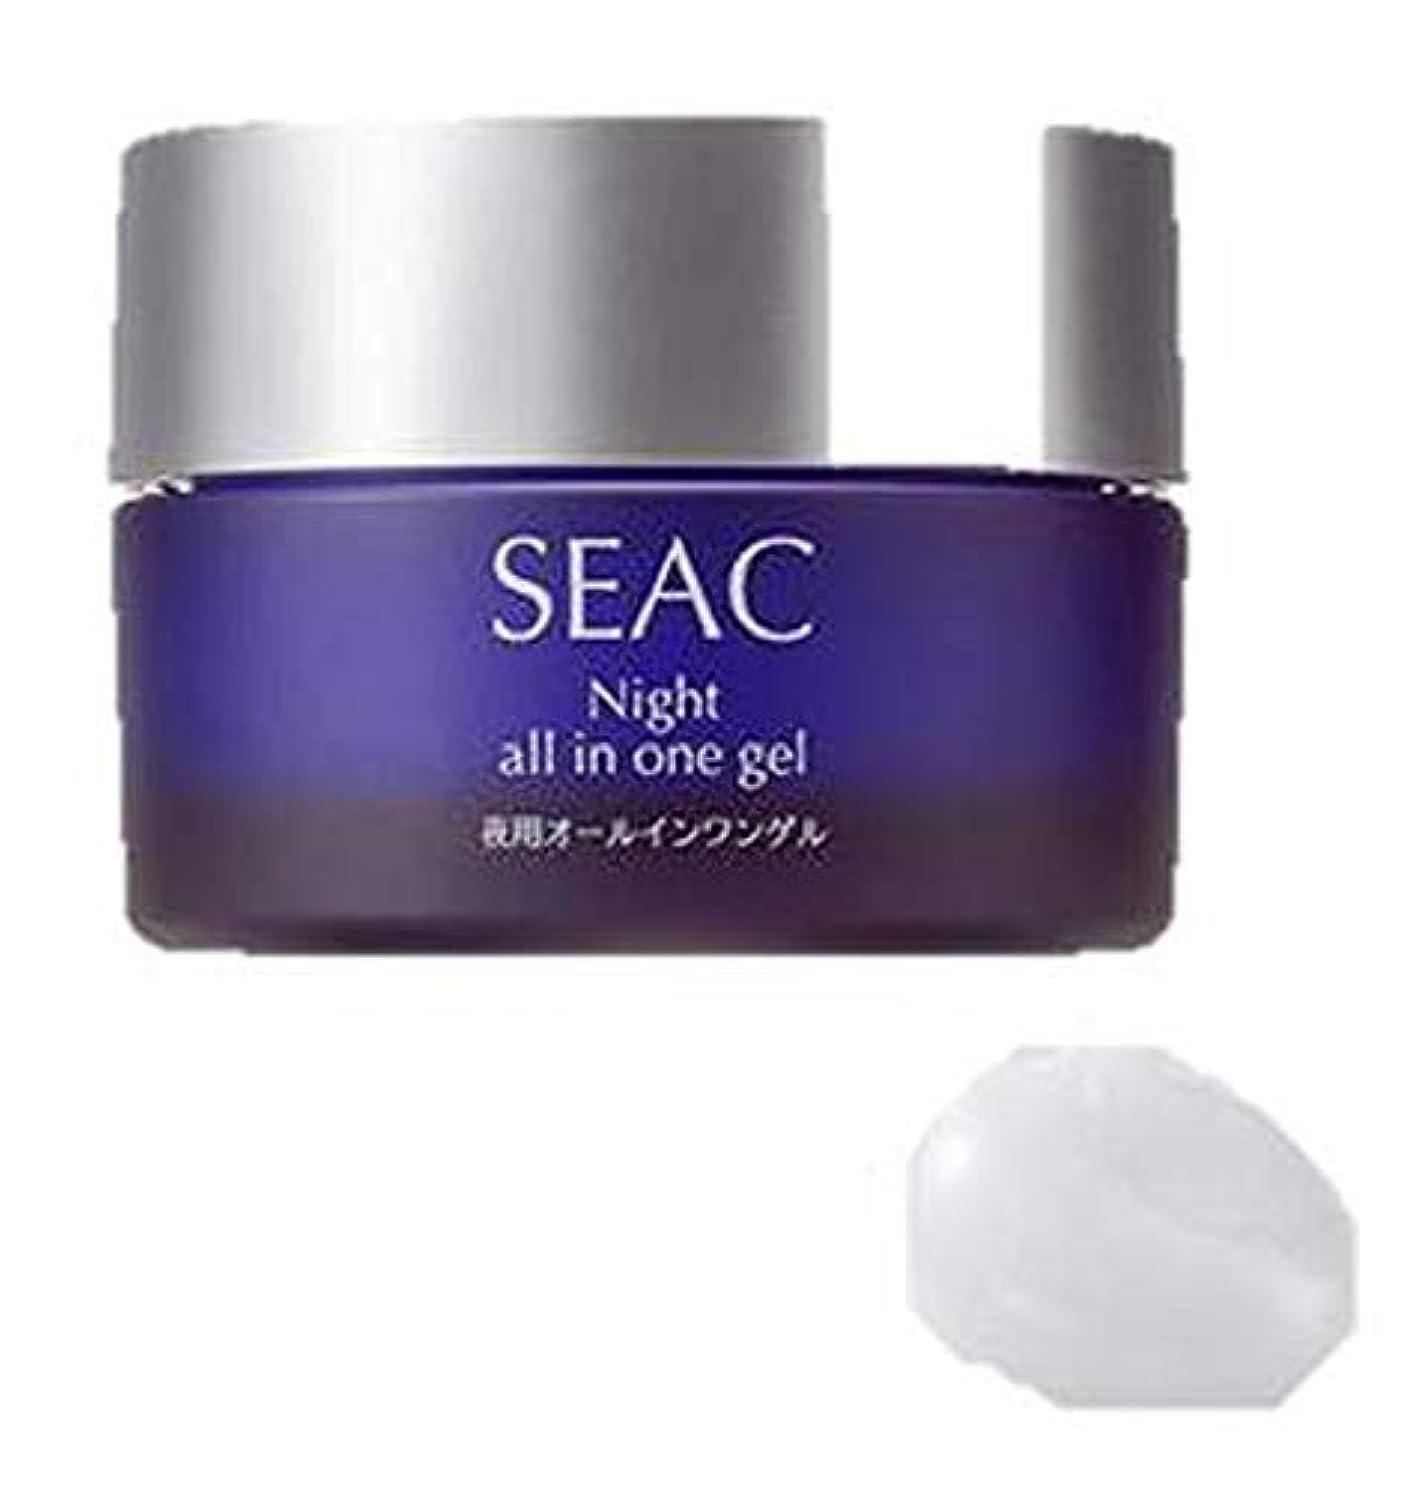 SEAC シーク 夜用 オールインワンゲル S <夜用保湿ゲルクリーム> 25g